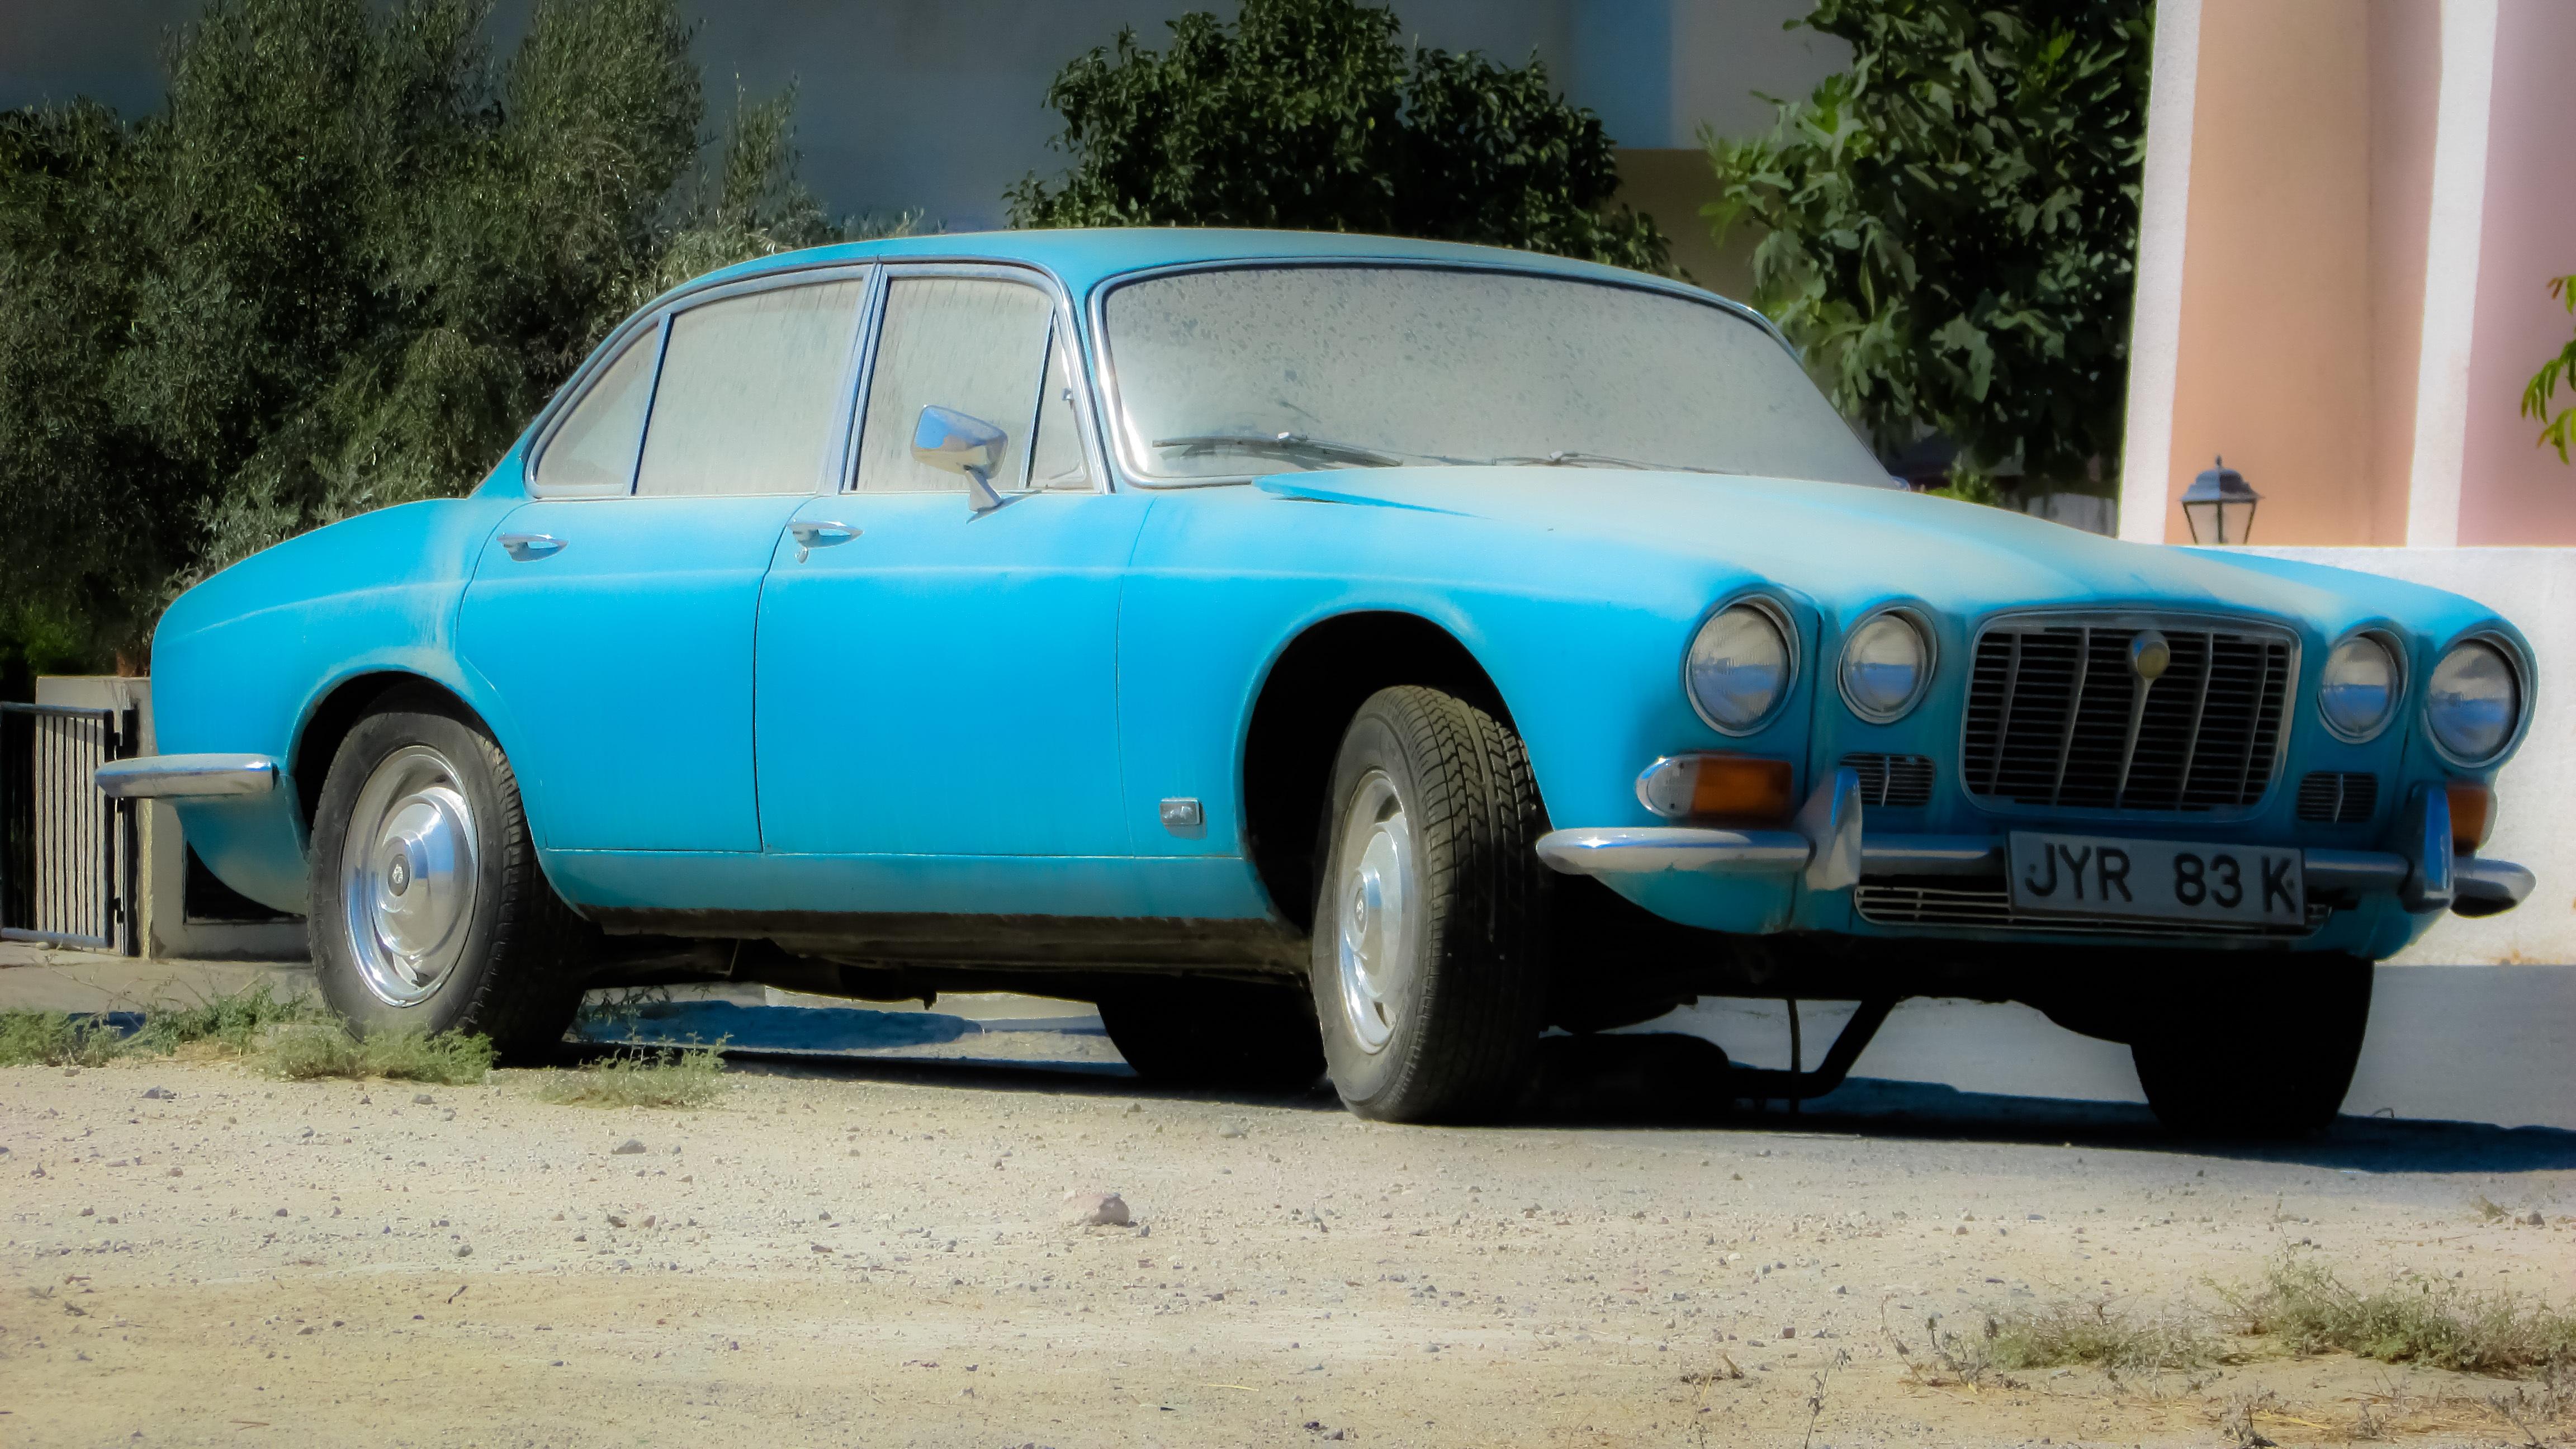 images gratuites cru antique v hicule abandonn vieille voiture voiture classique. Black Bedroom Furniture Sets. Home Design Ideas